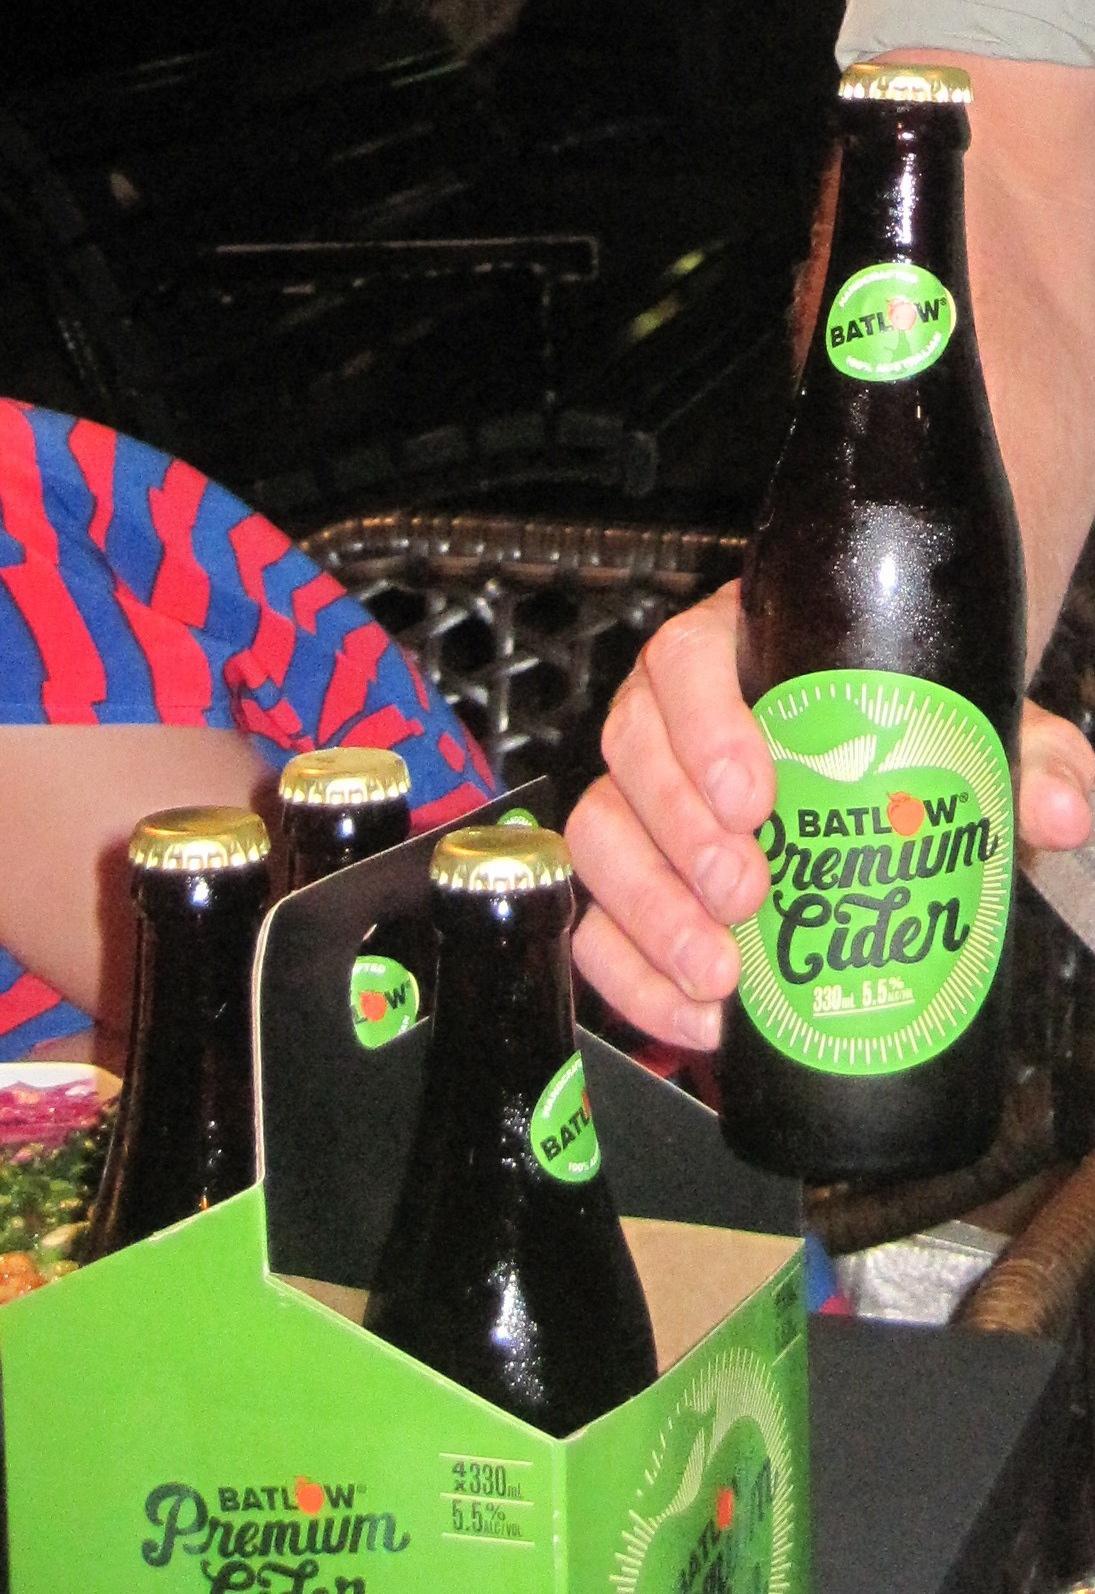 Batlow-Cider-1